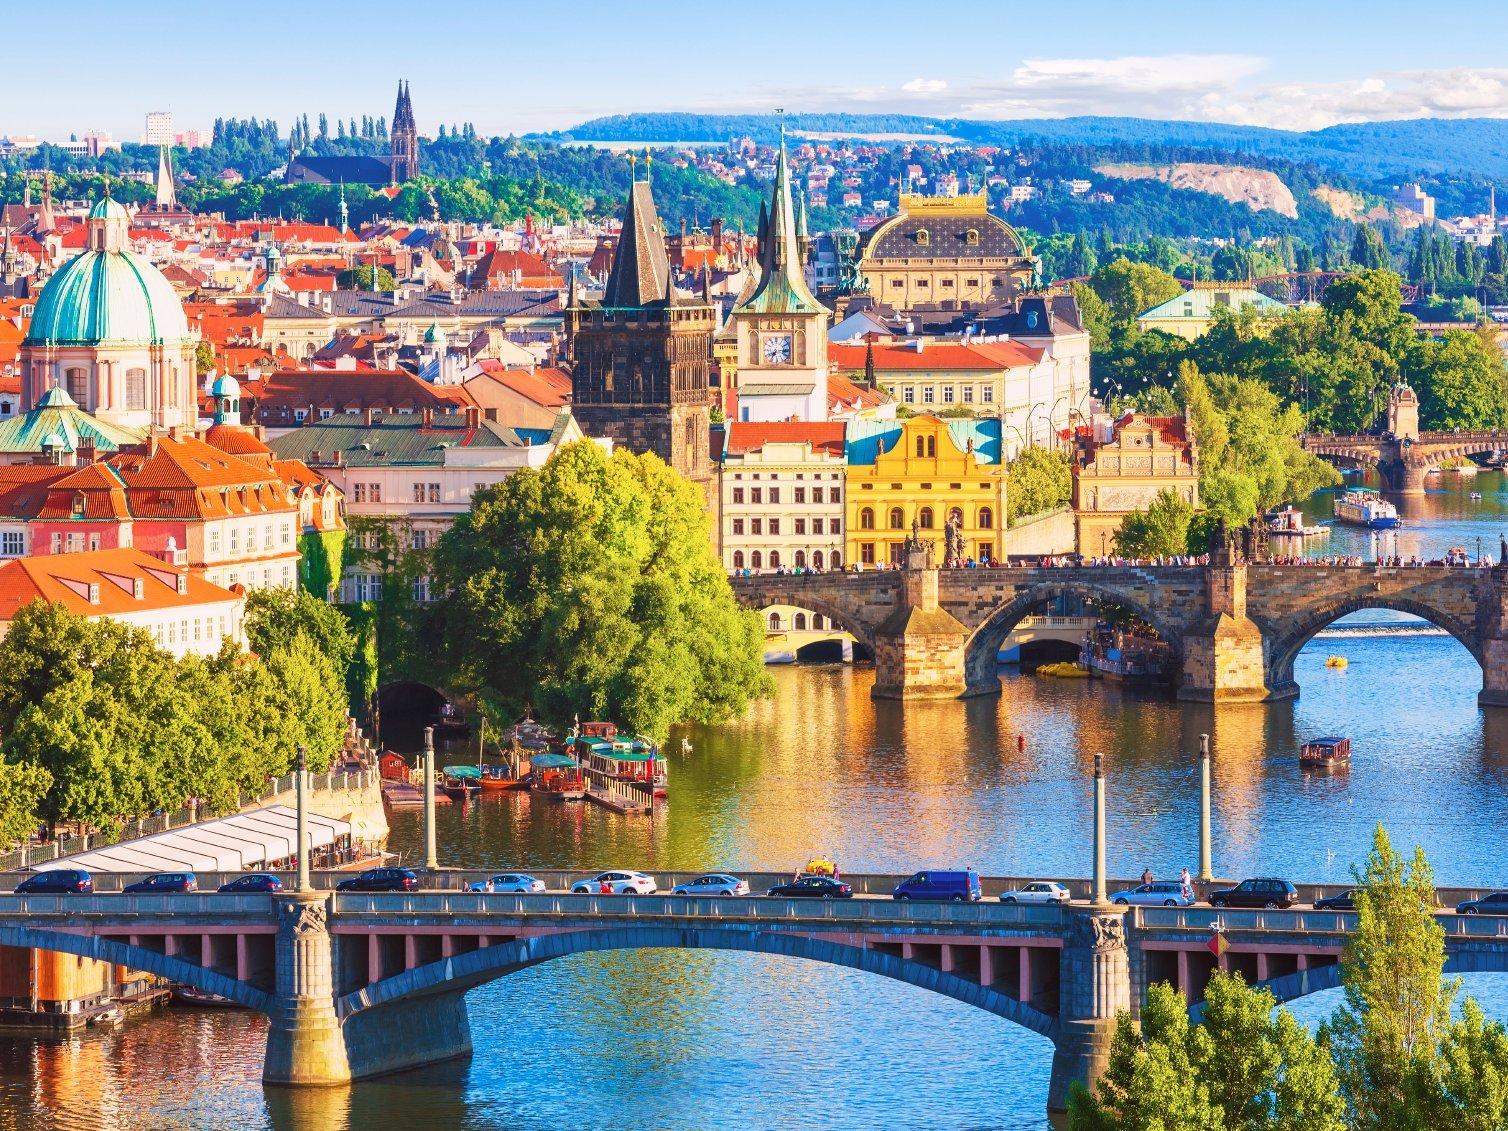 شهر دیدنی و زیبای وین در اتریش